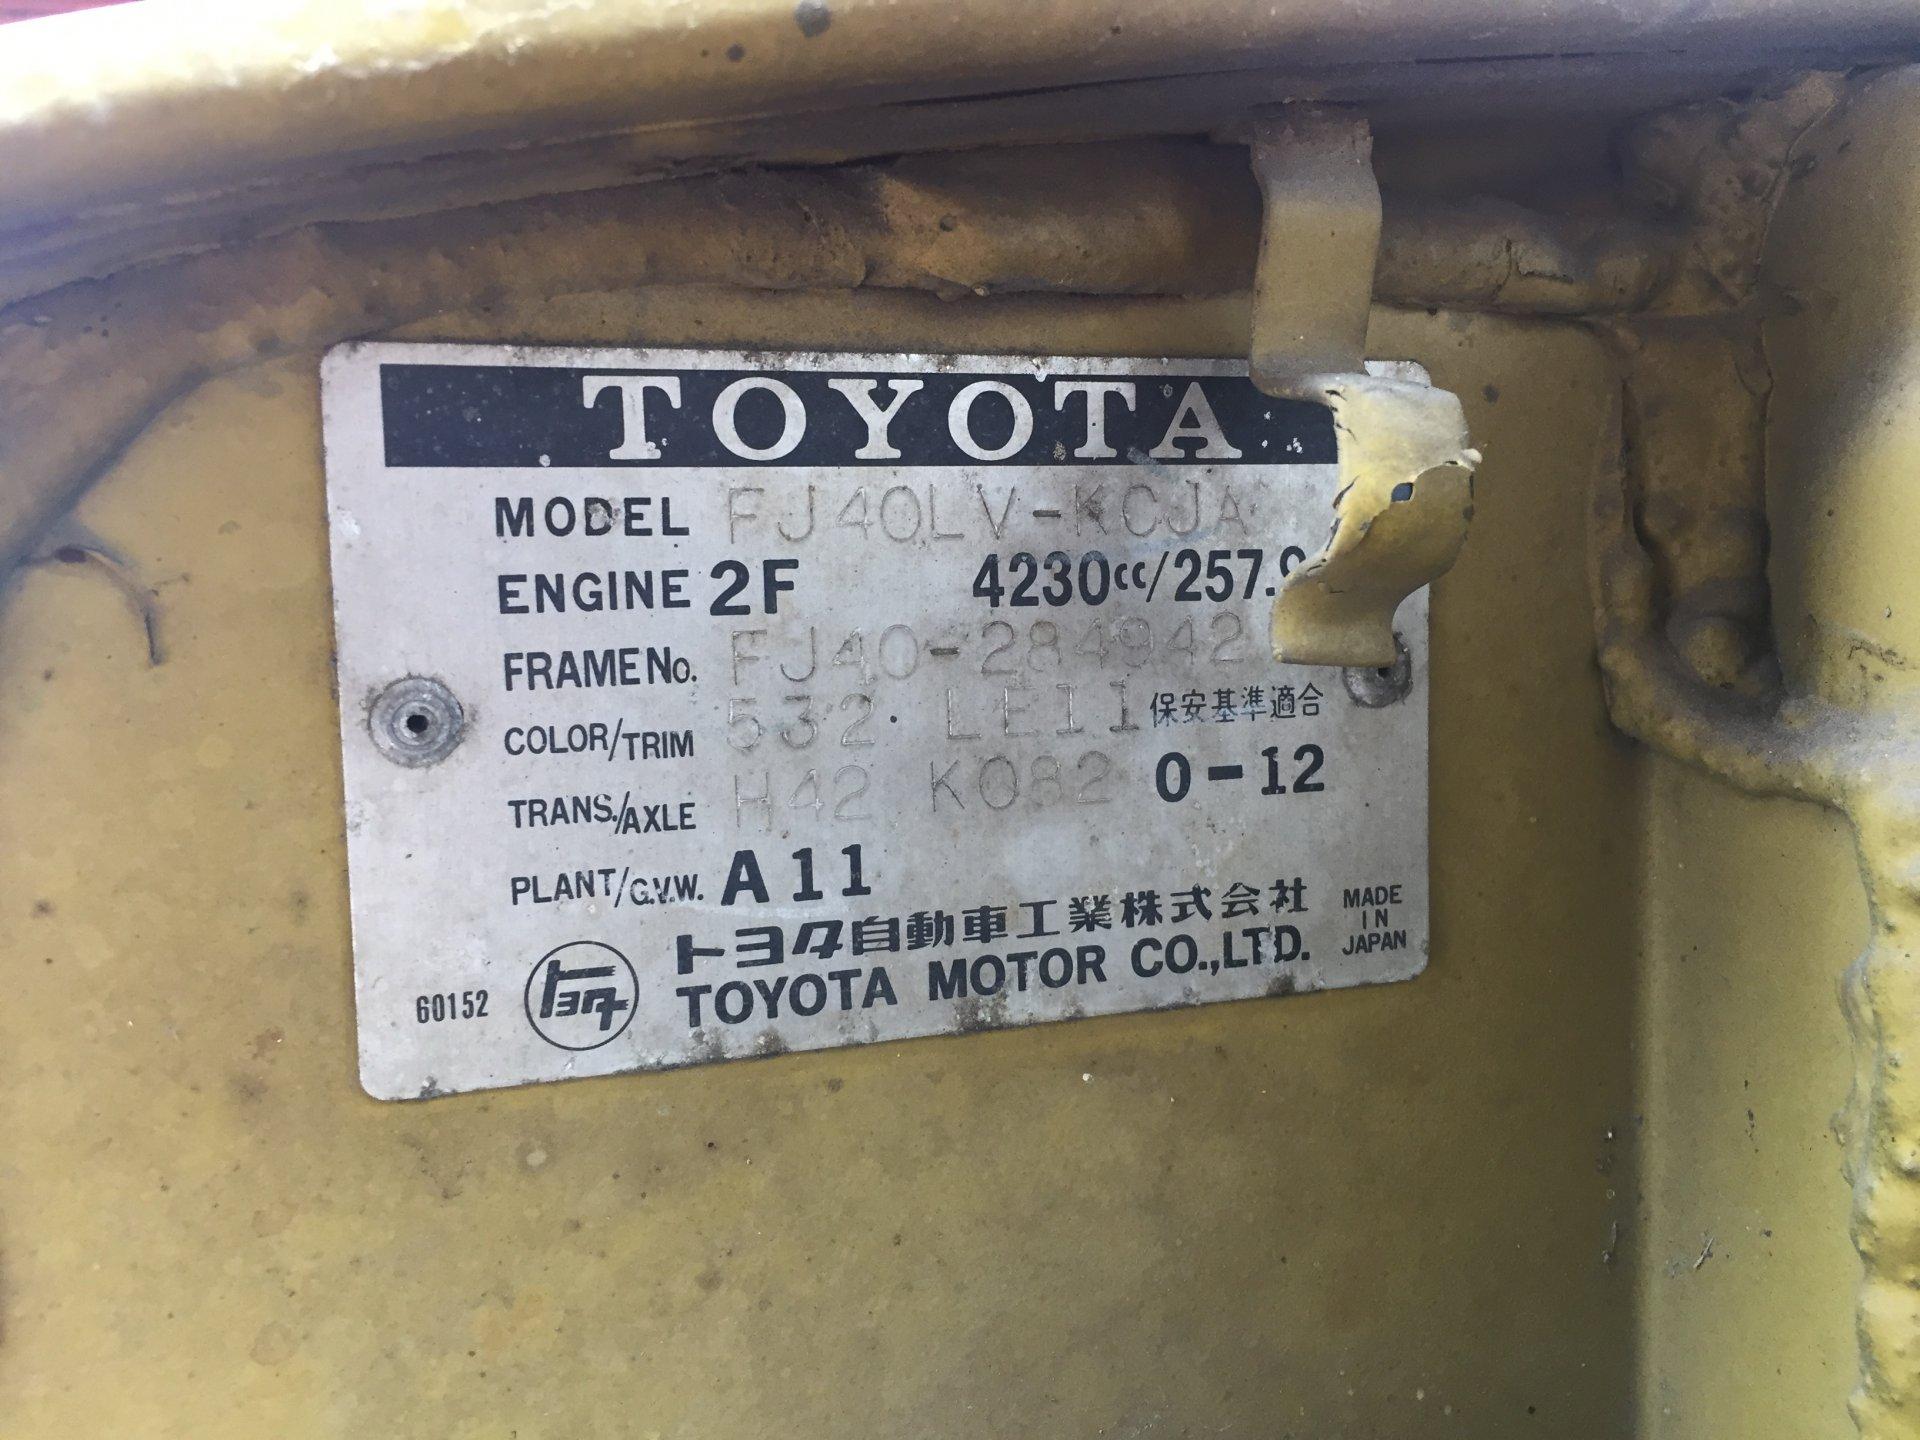 19EA808A-7F38-4886-9E1E-1DA26E9E35C2.jpeg